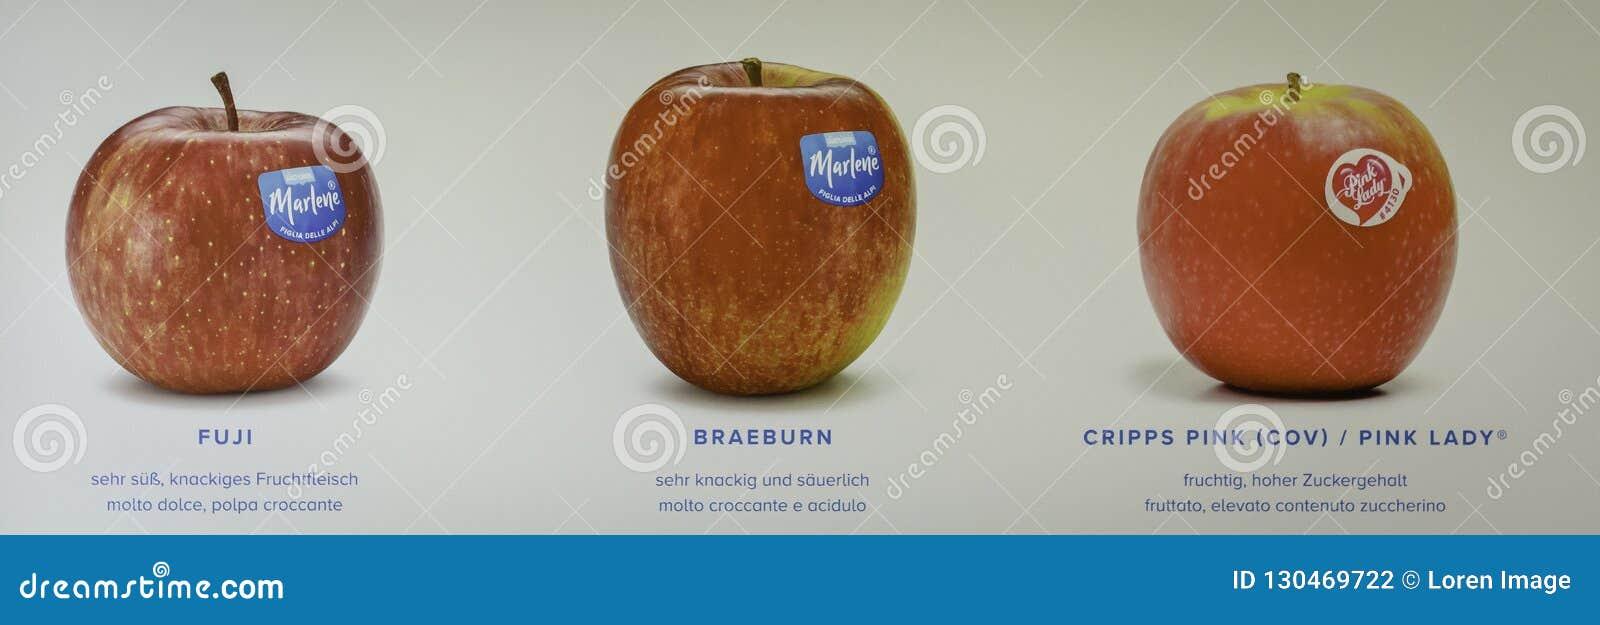 Varietà delle mele